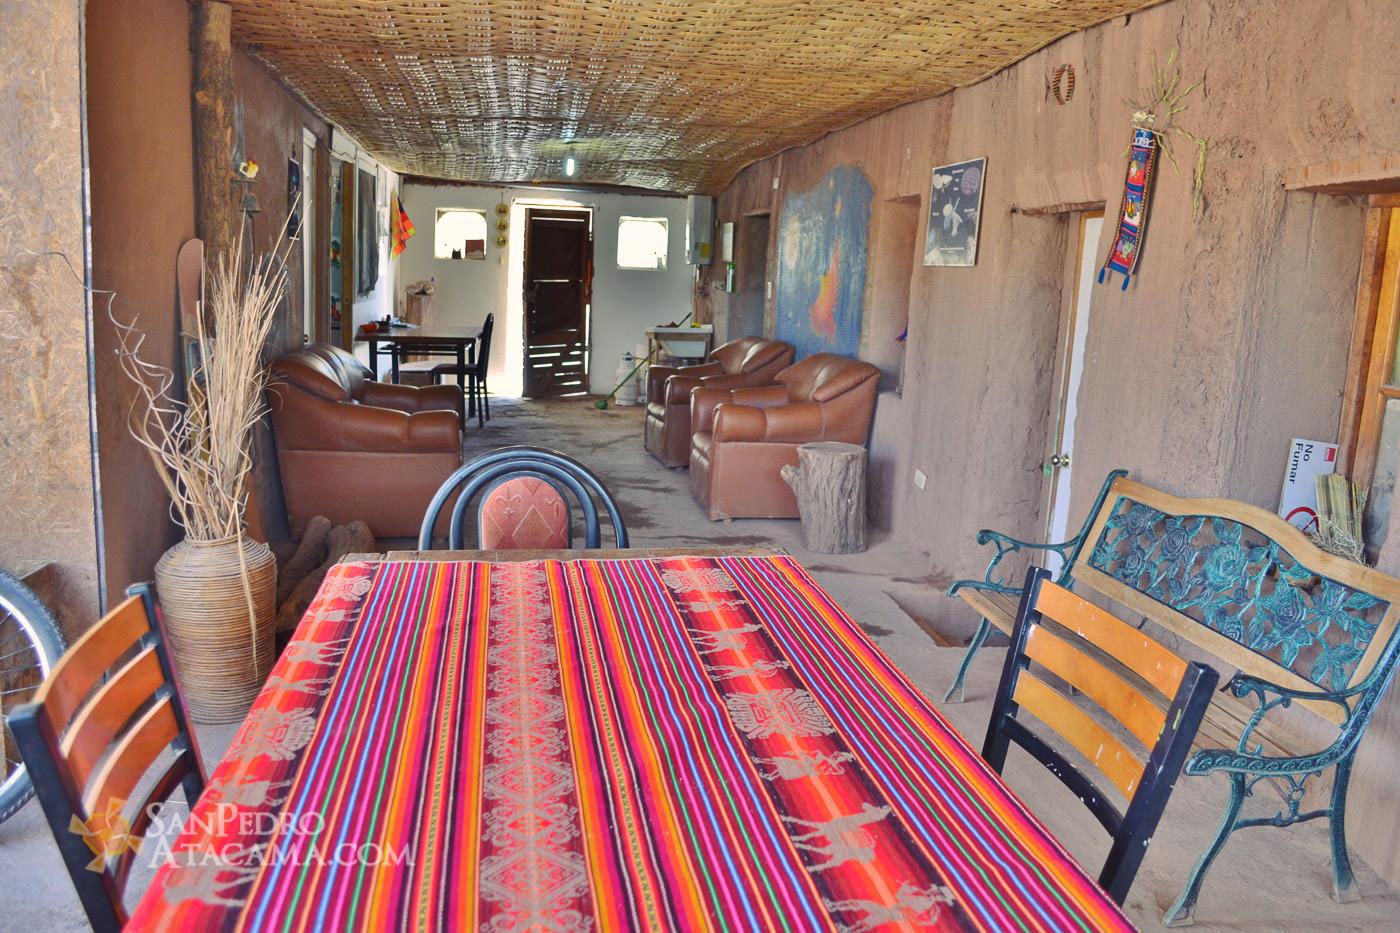 Venta De Casas En El Palmar: Tu Casa Fotos Tumblrs En Casa